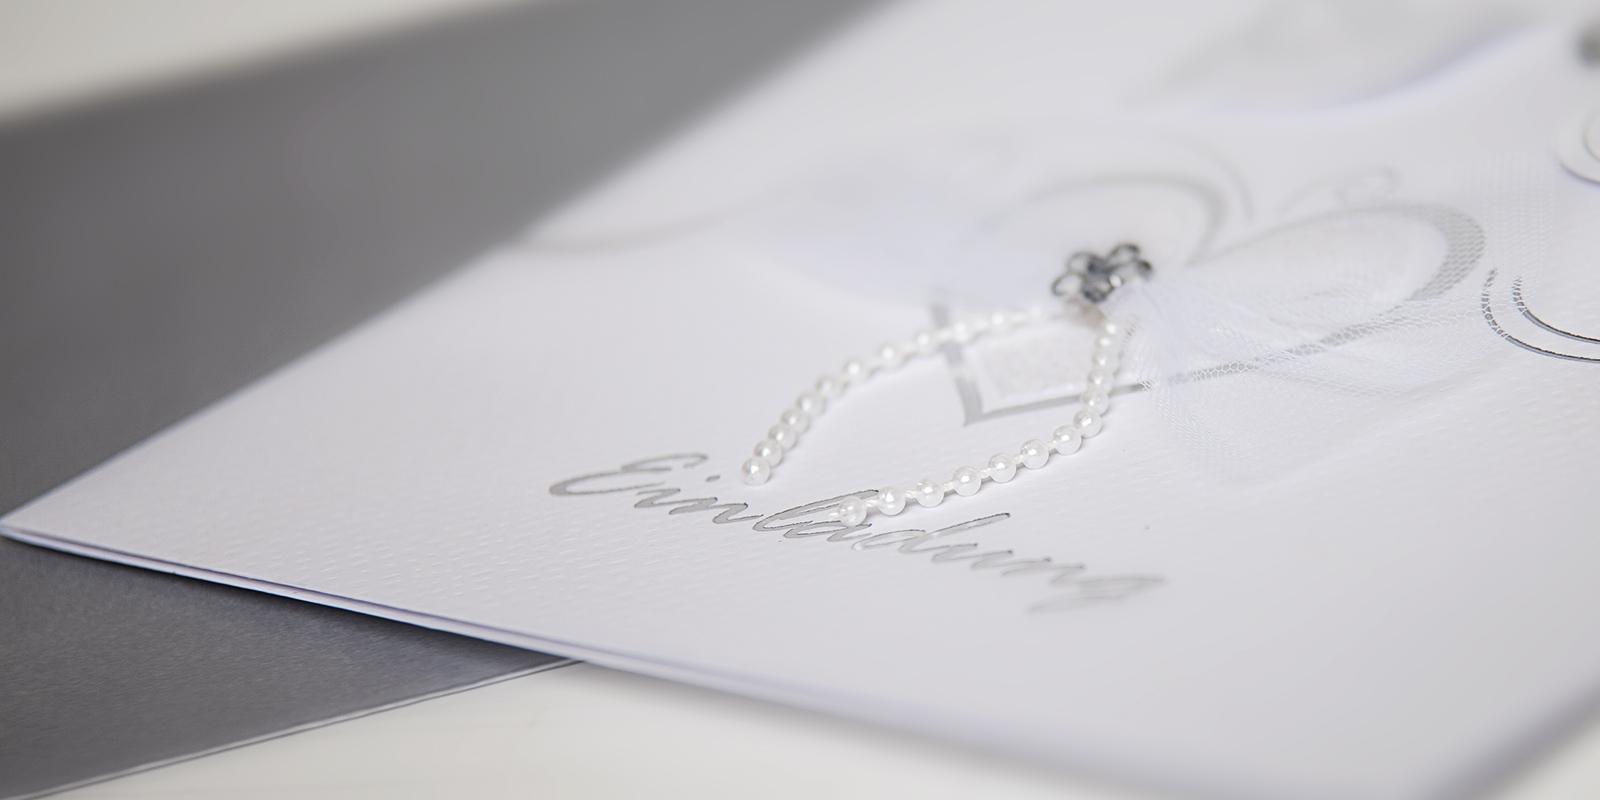 Hochzeitsplanung-Hochzeitsfotograf-Planen